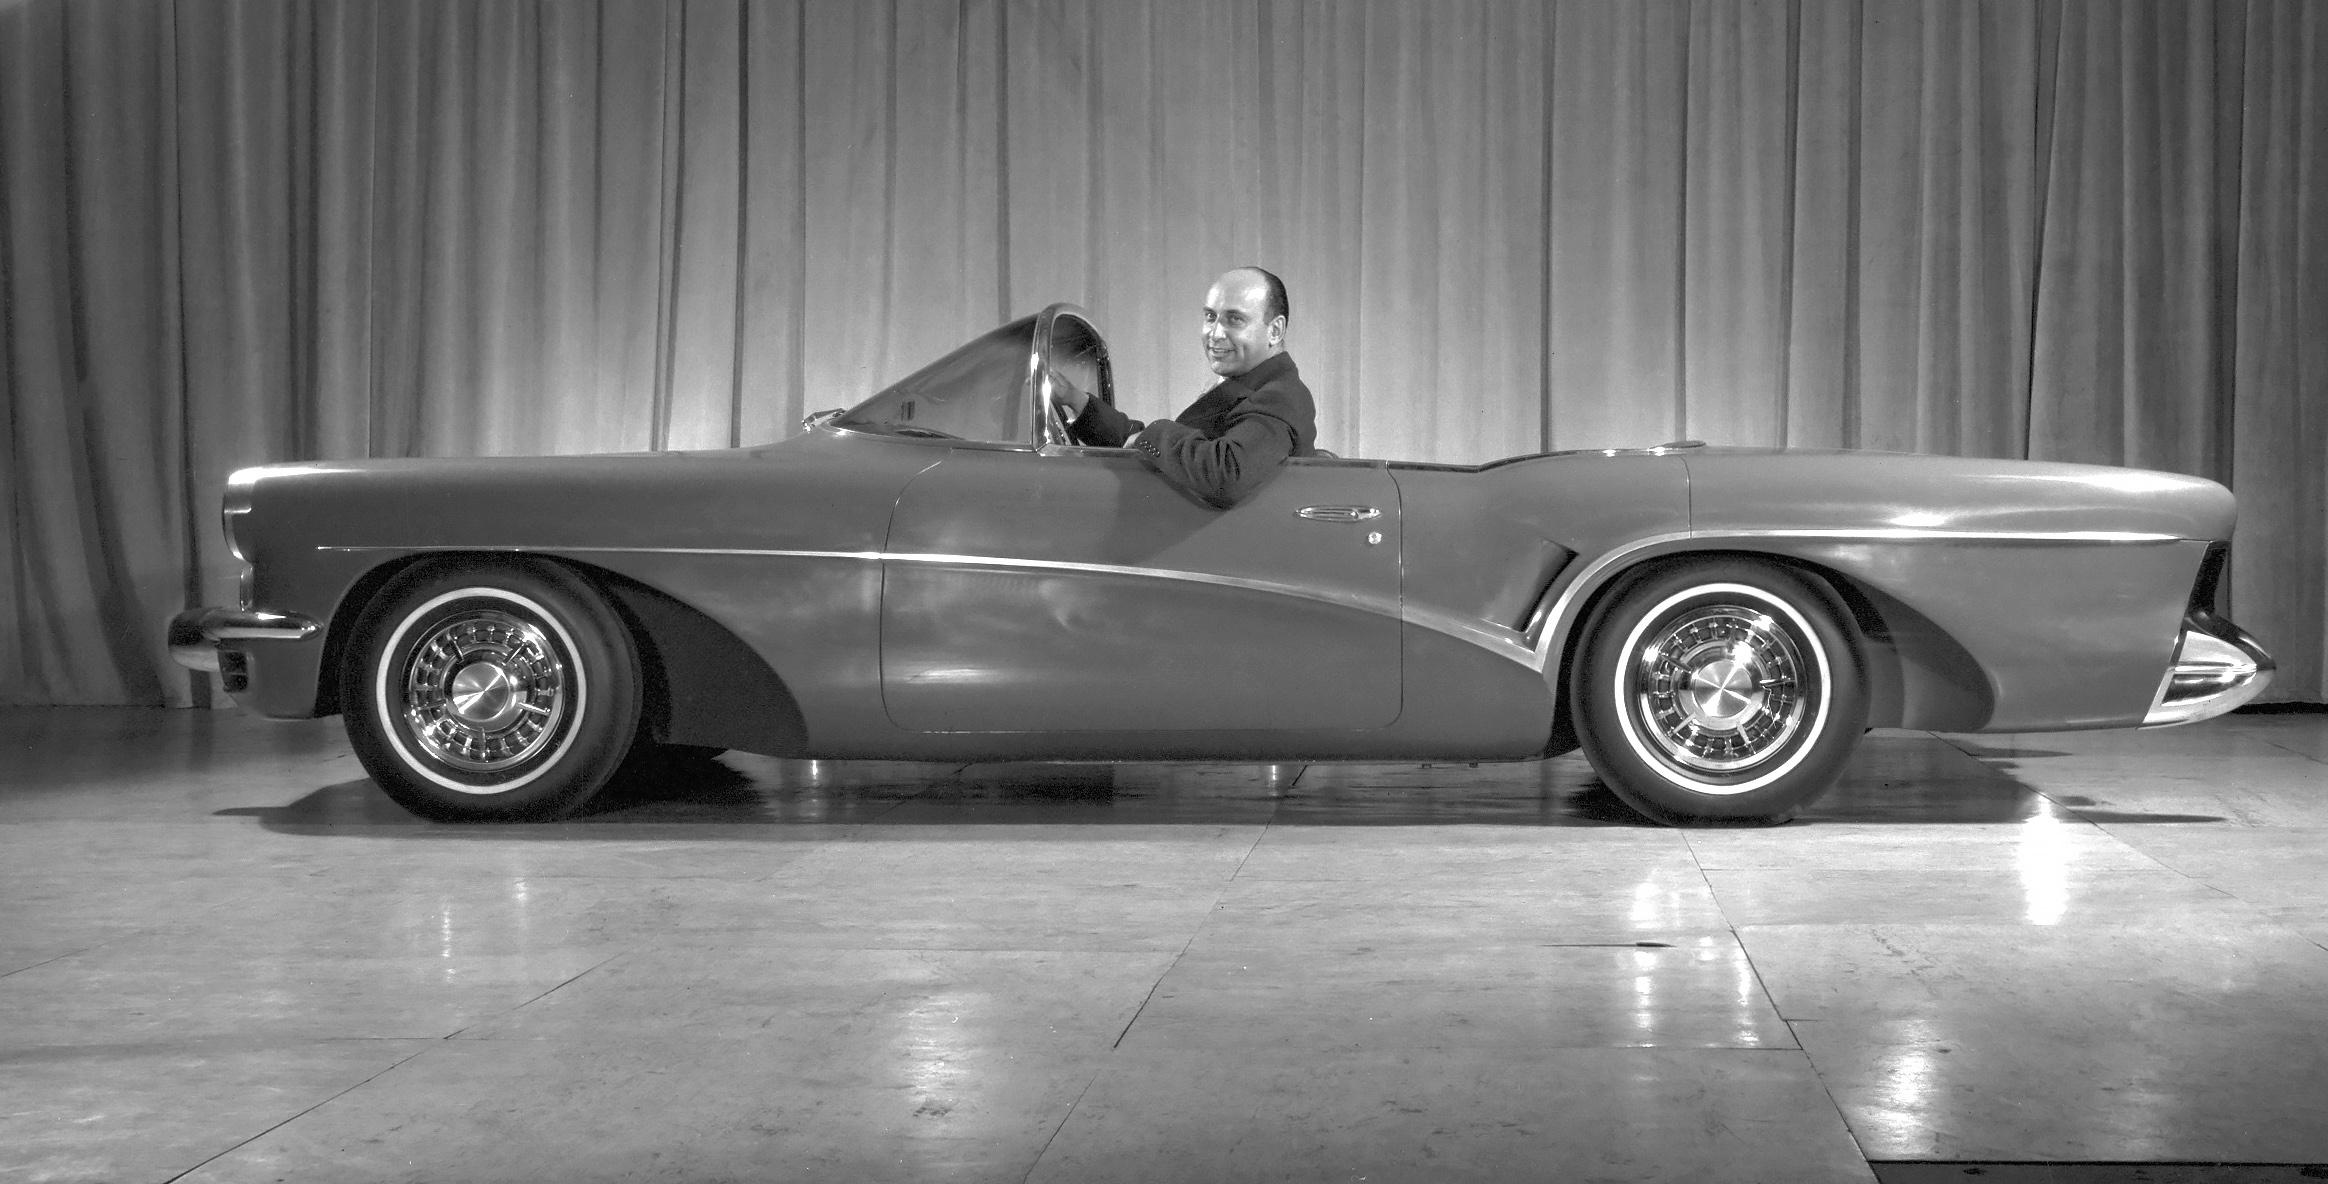 Ned Nickles in the Buick Wildcat III Concept